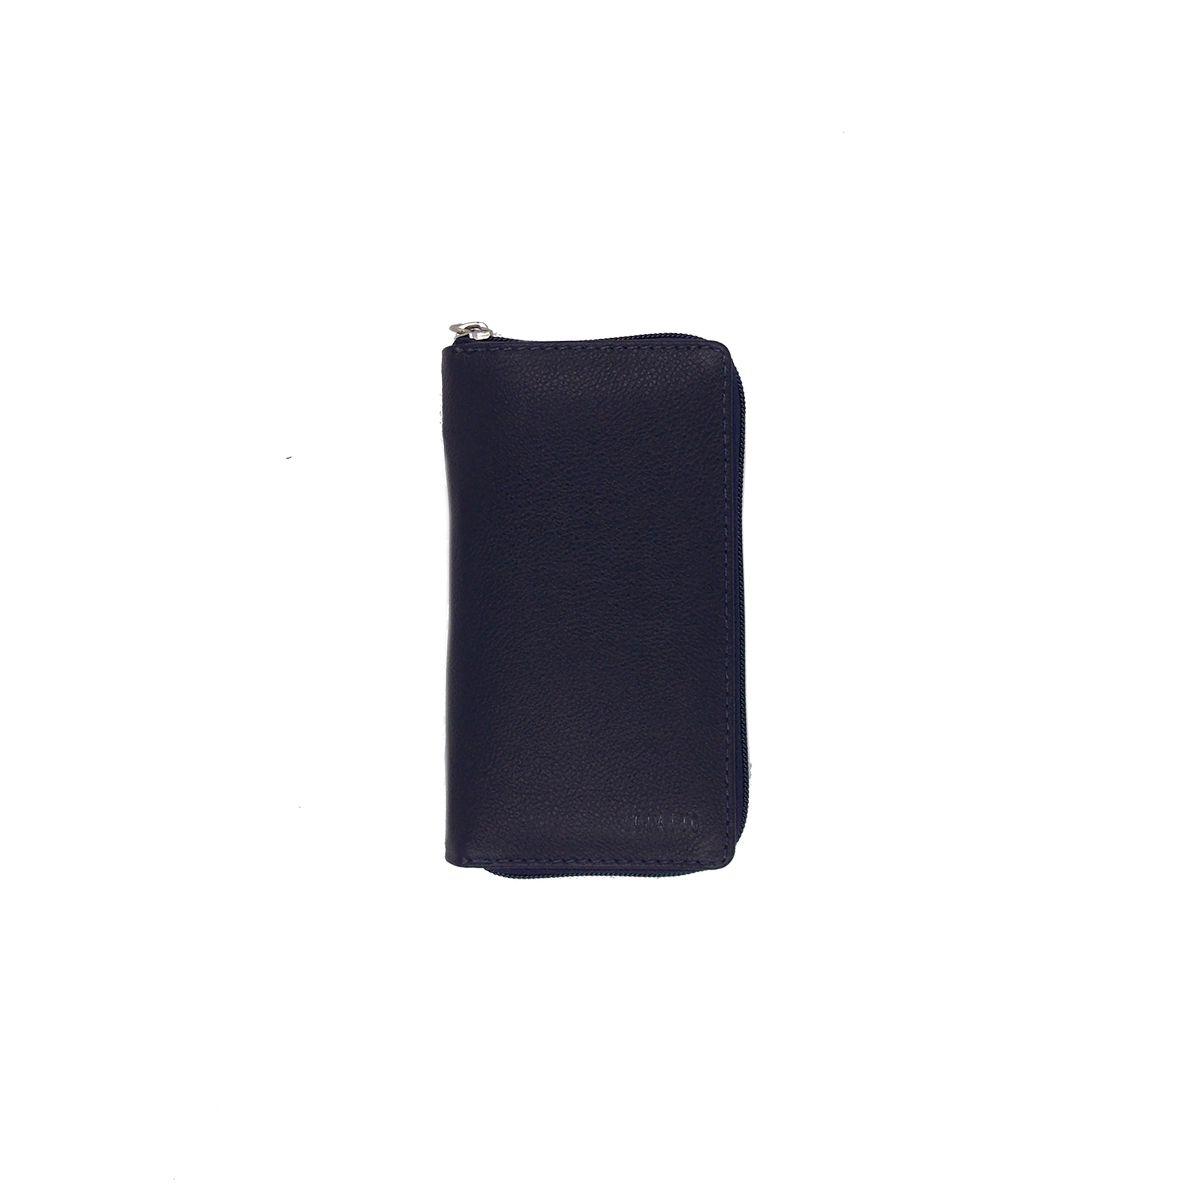 Kit Higiene Bucal em Couro Legitimo Azul Marinho Colatto